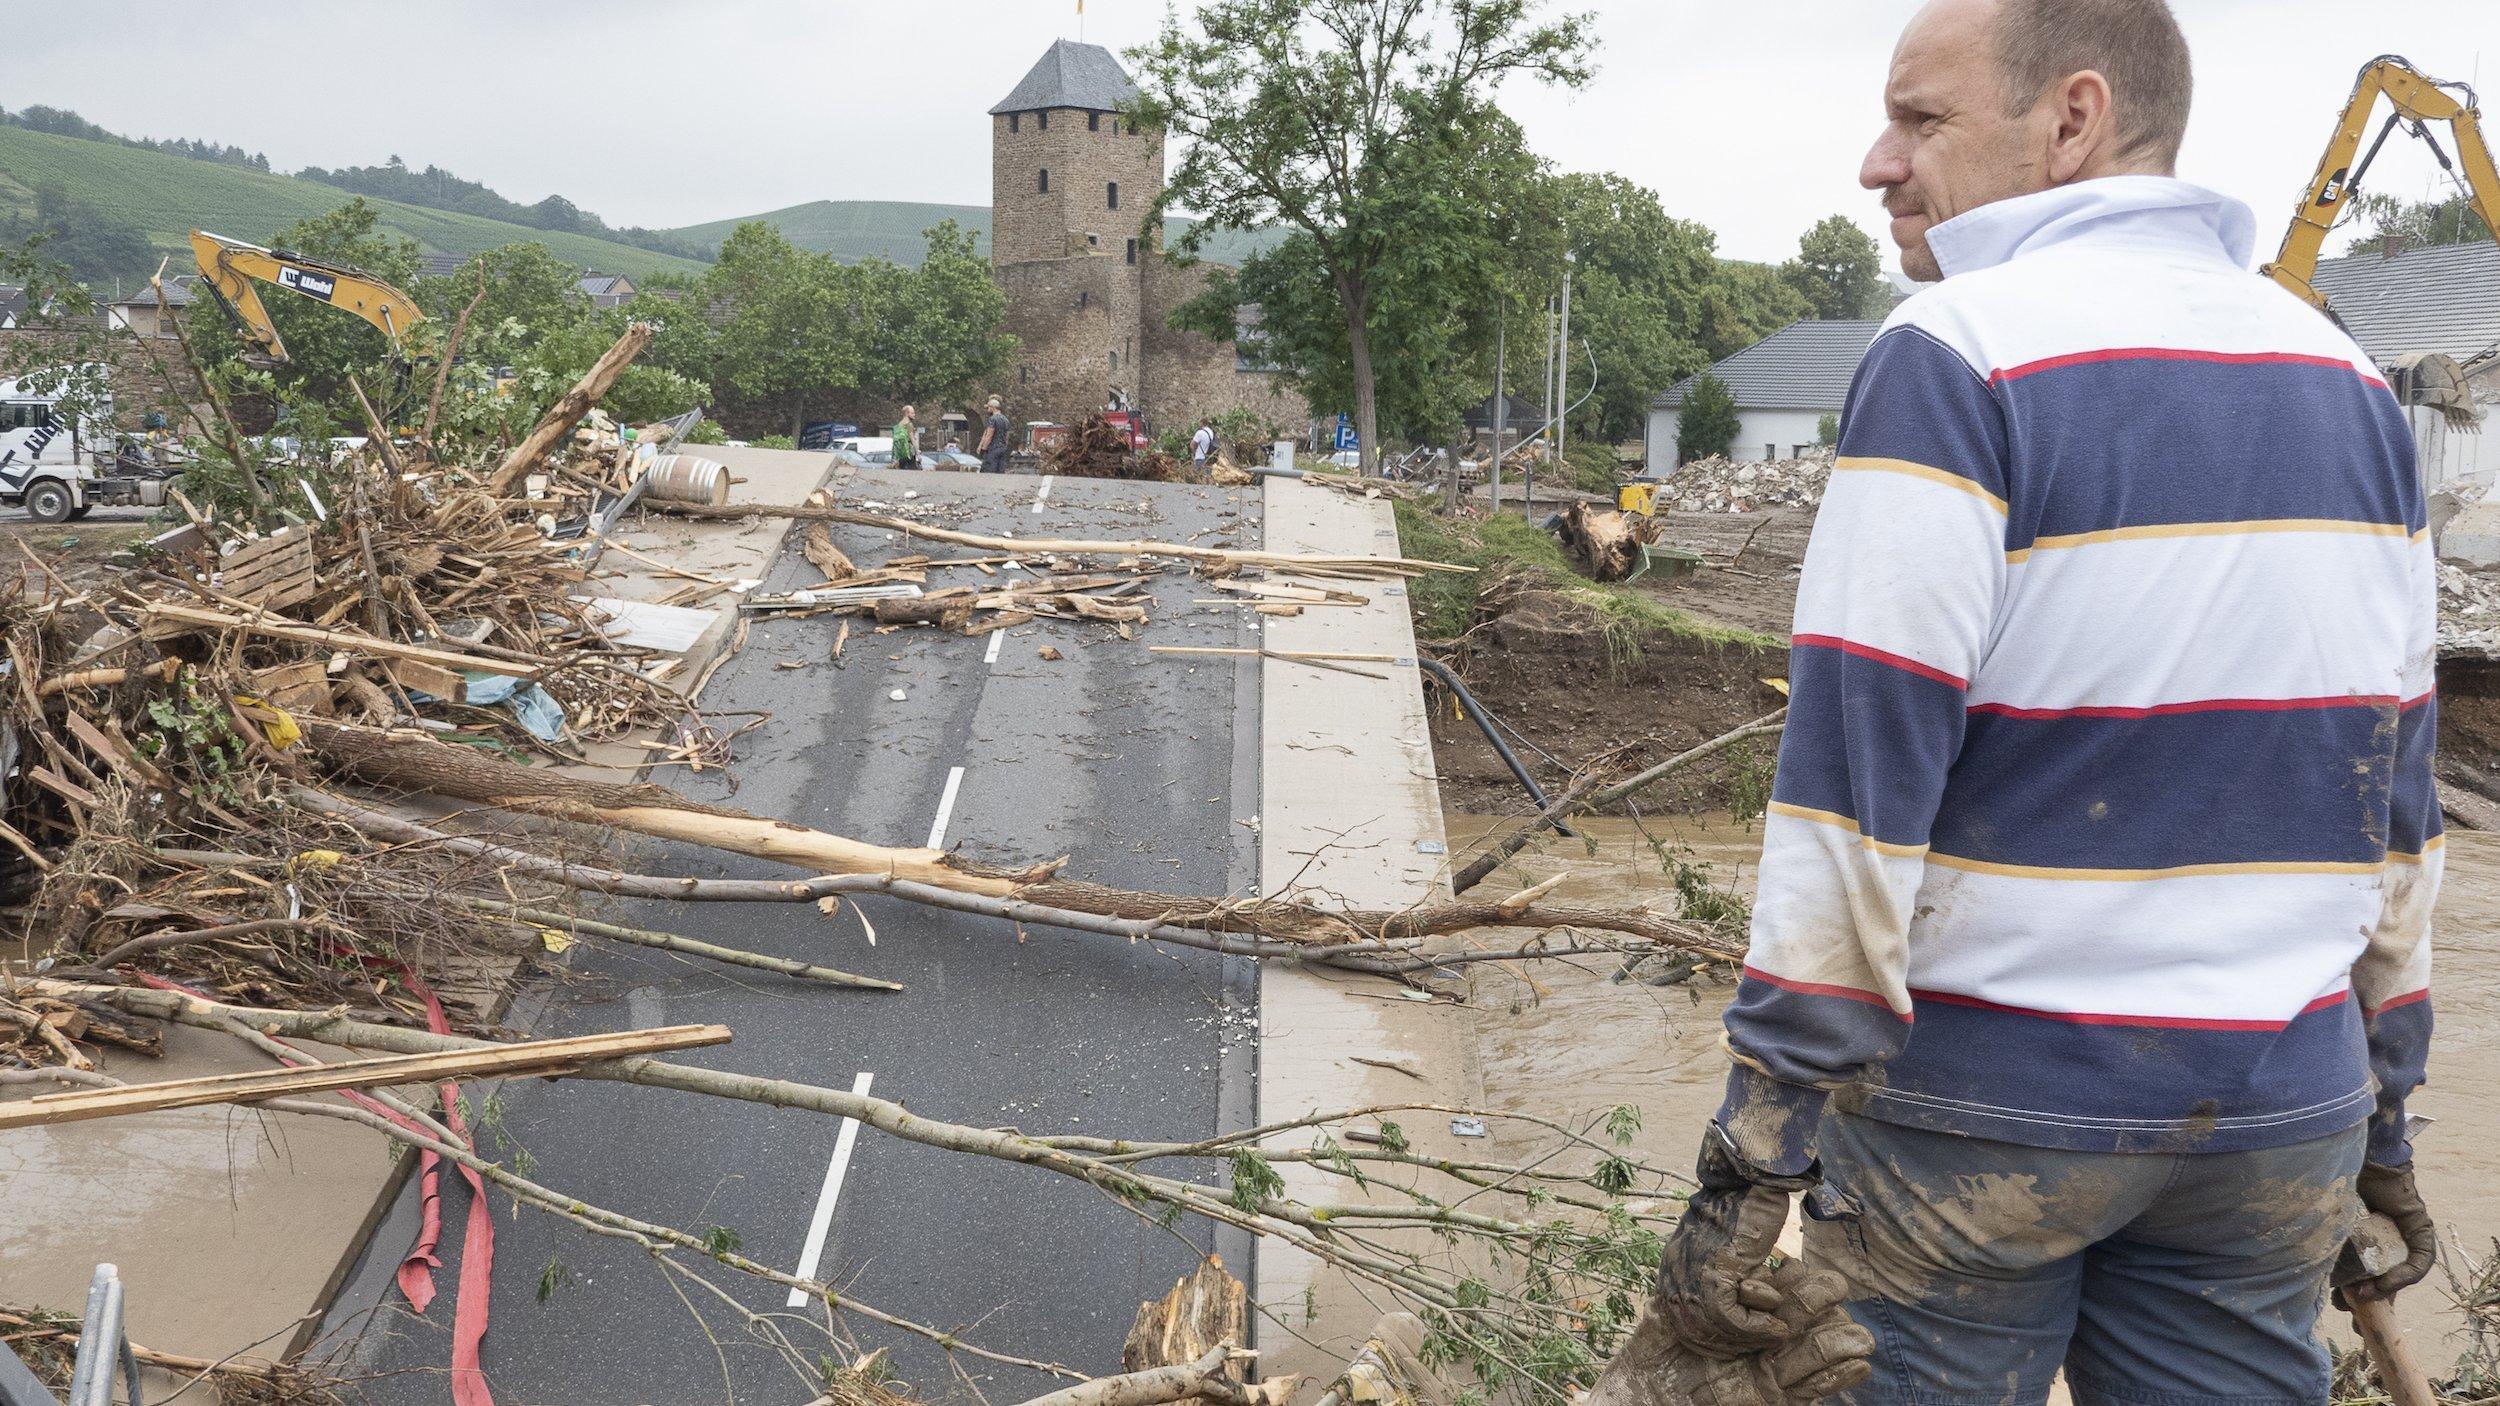 Vorn rechts steht ein Mann im geringelten Sweatshirt vor der Brücke, deren Fahrbahn abgesackt ist und auf der Bäume liegen. Der Mann schaut nach links in das verwüstete Flusstal der Ahr.